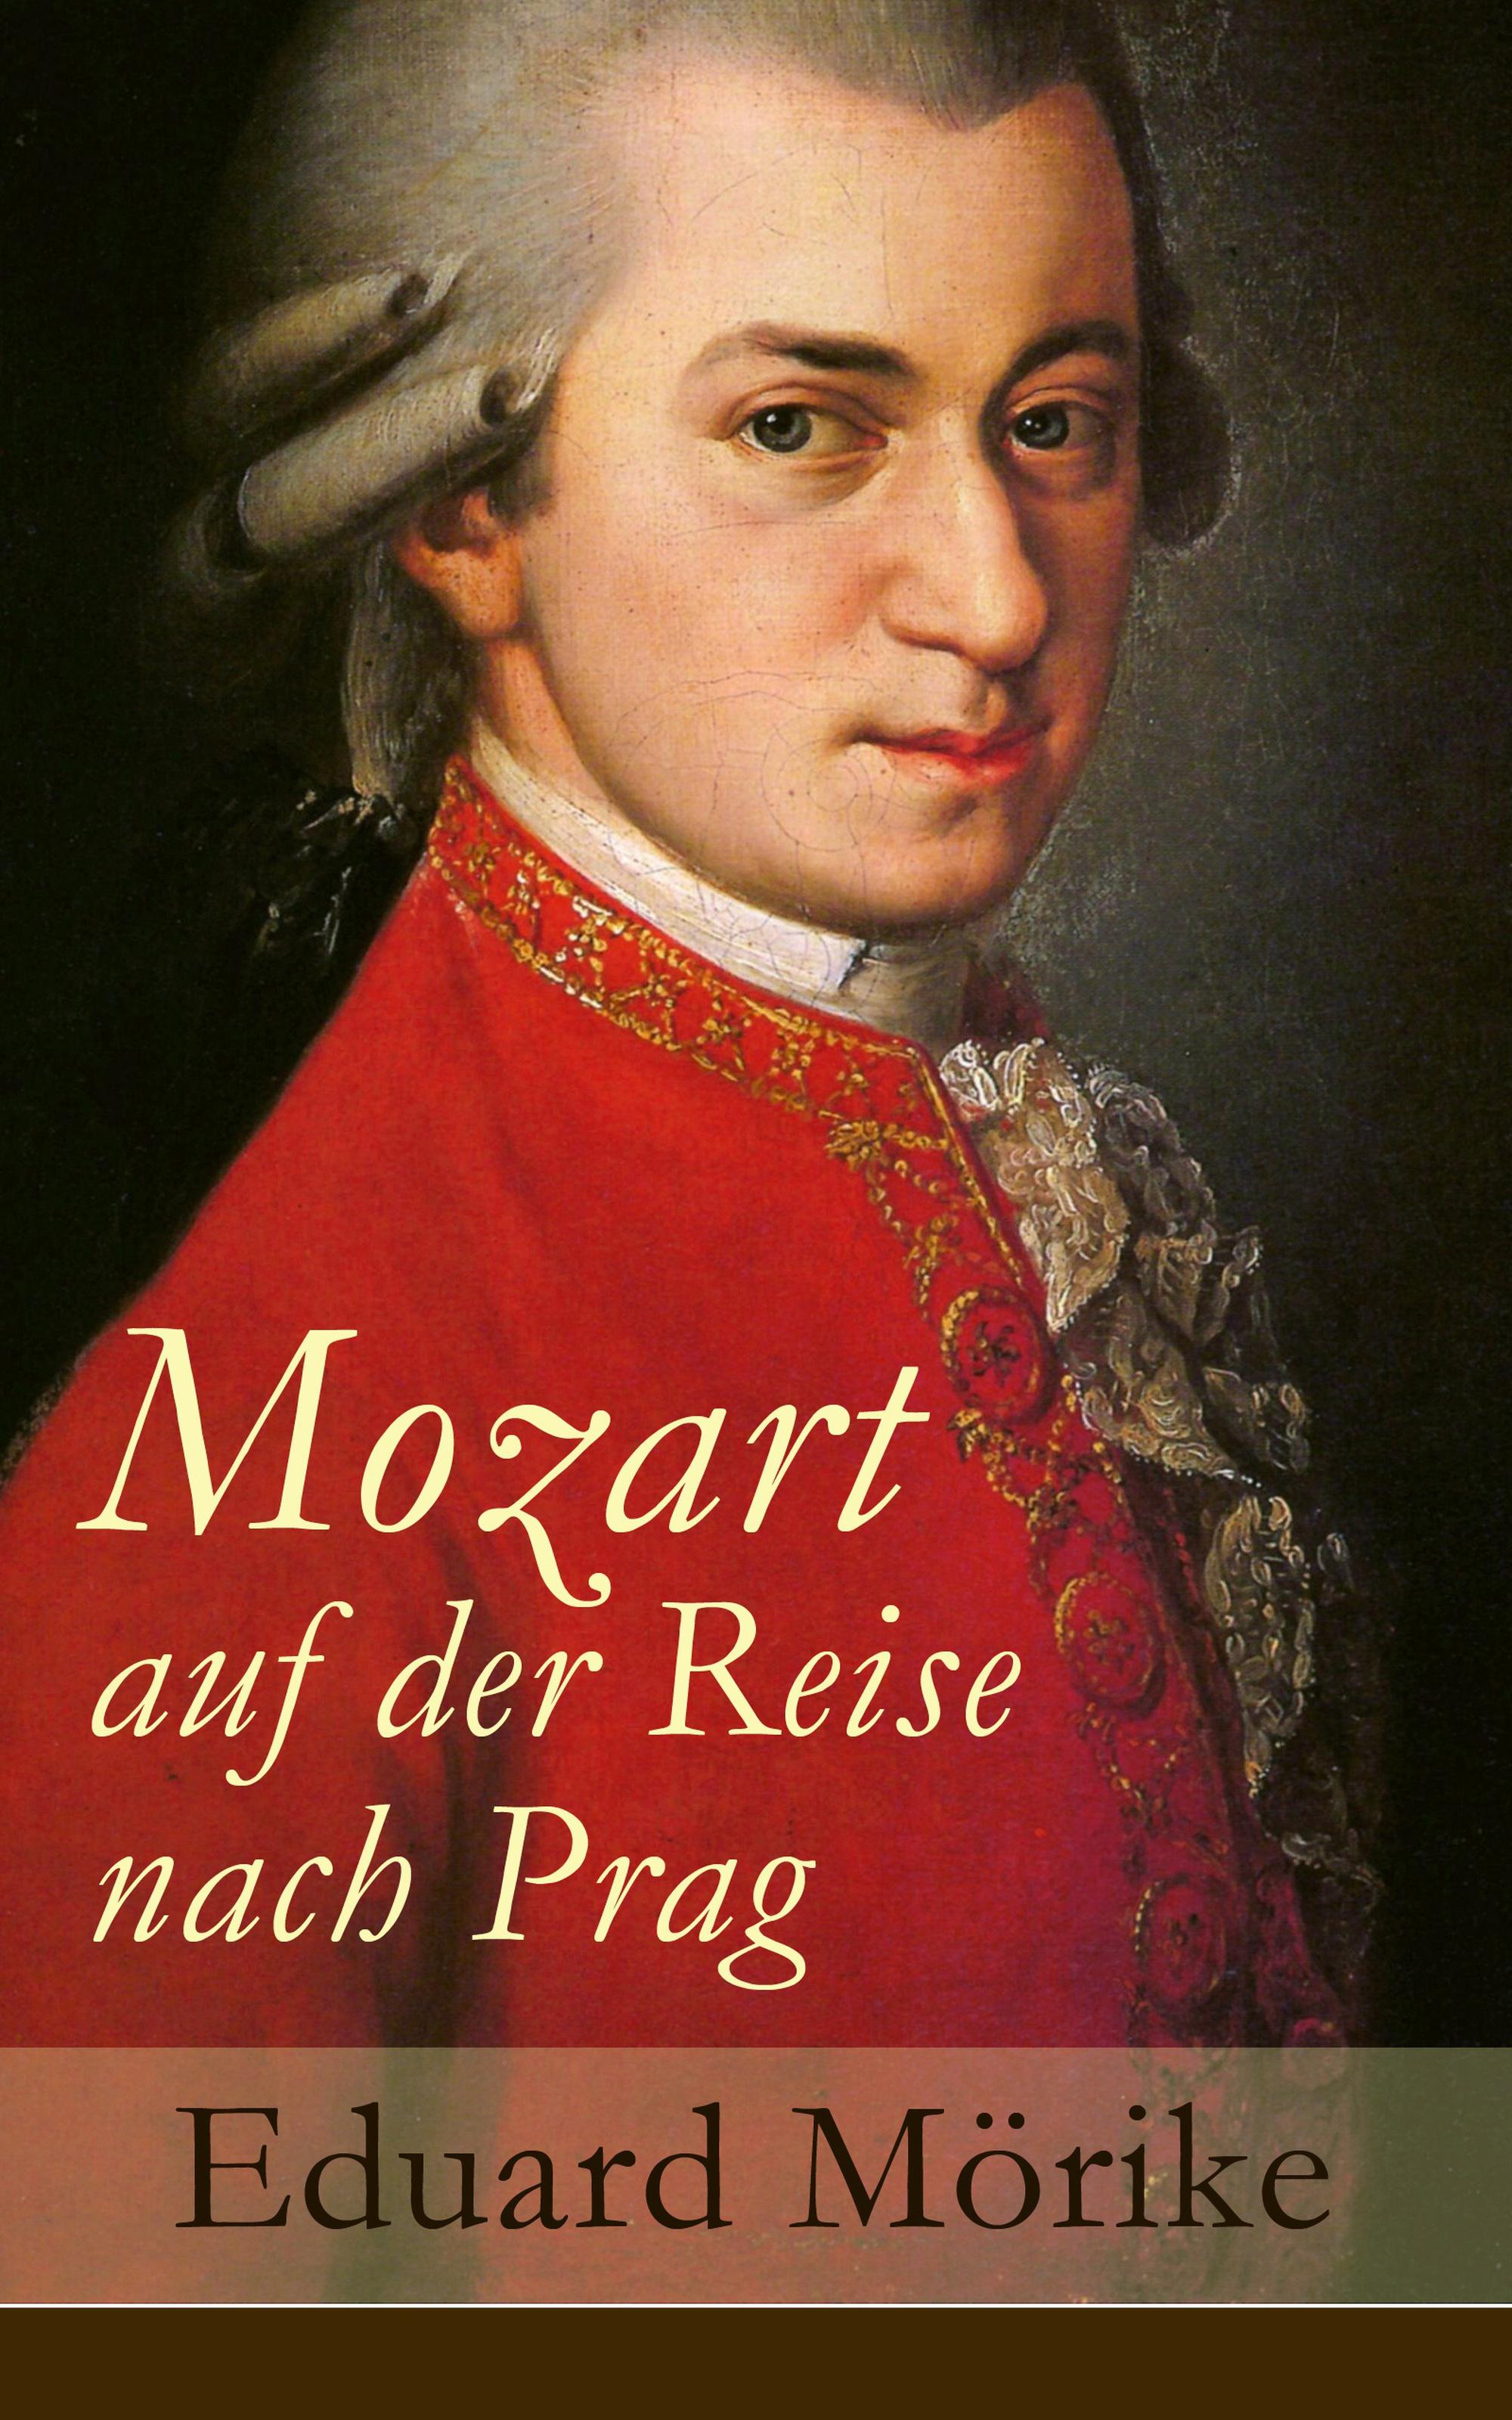 Eduard Morike Mozart auf der Reise nach Prag mozart auf der reise nach prag